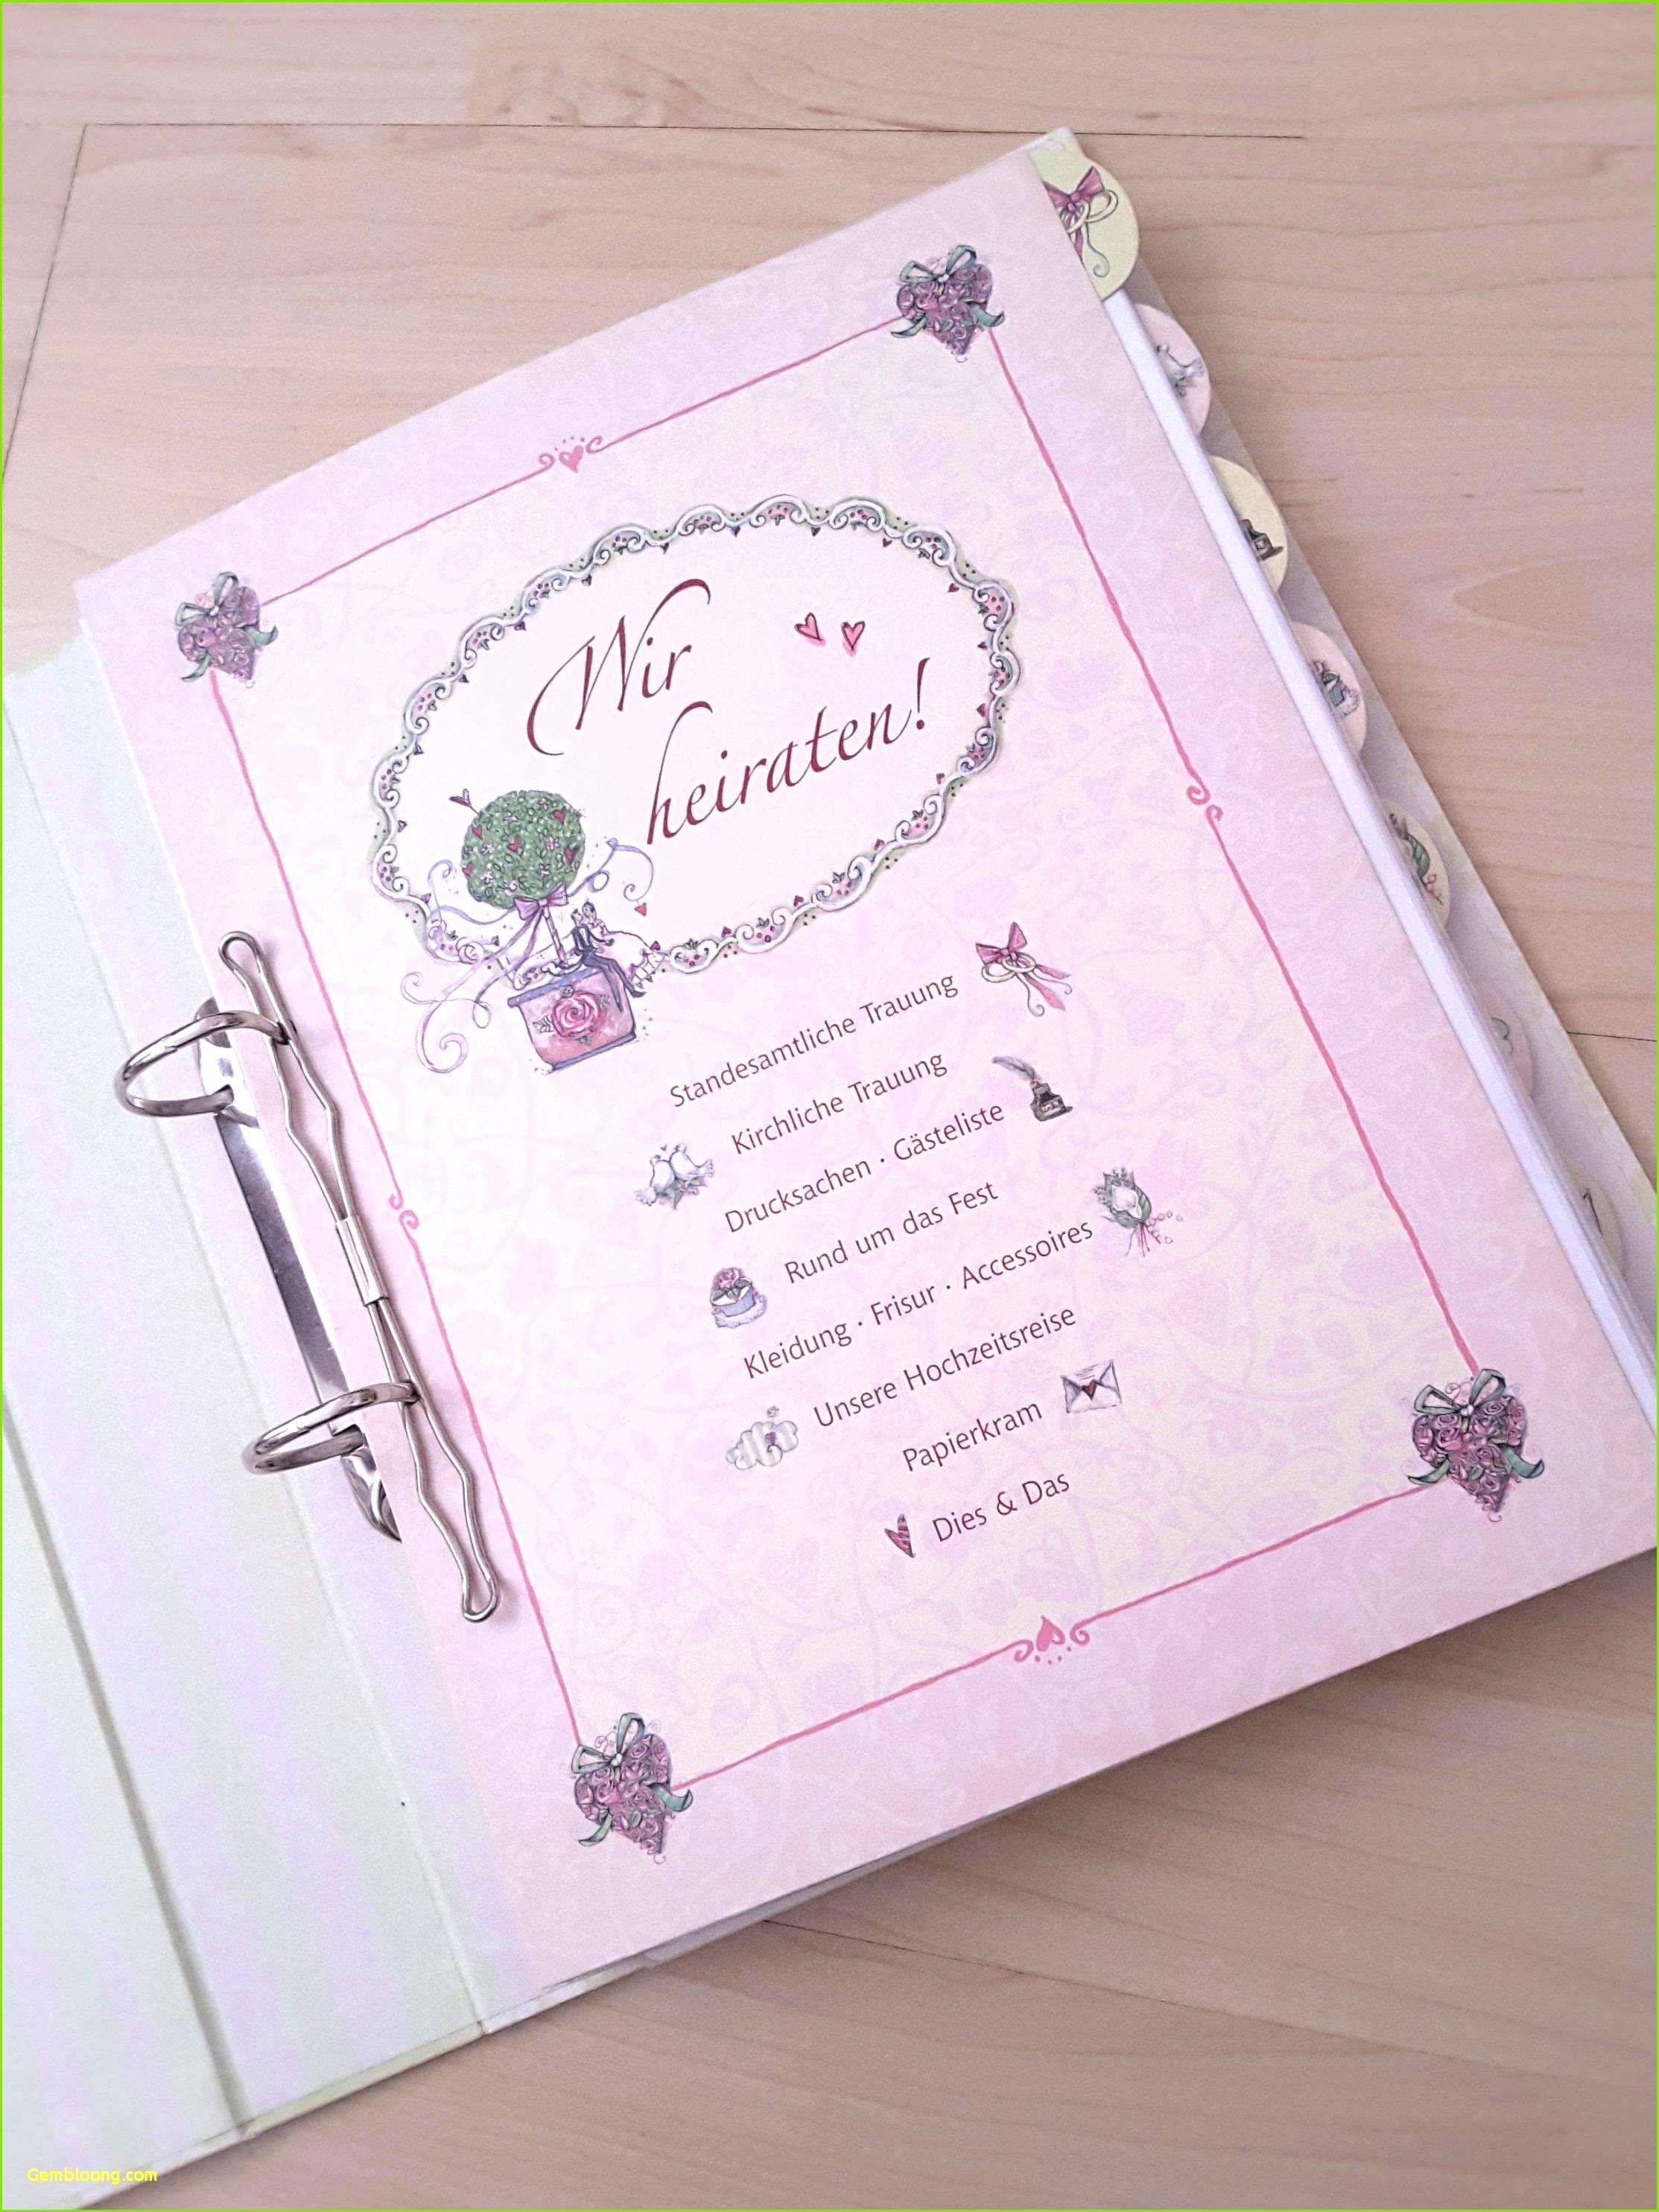 Einladungskarten Hochzeit Vorlagen Kreative Hochzeitskarten Einladung Beste Probe Media Image 0d 59